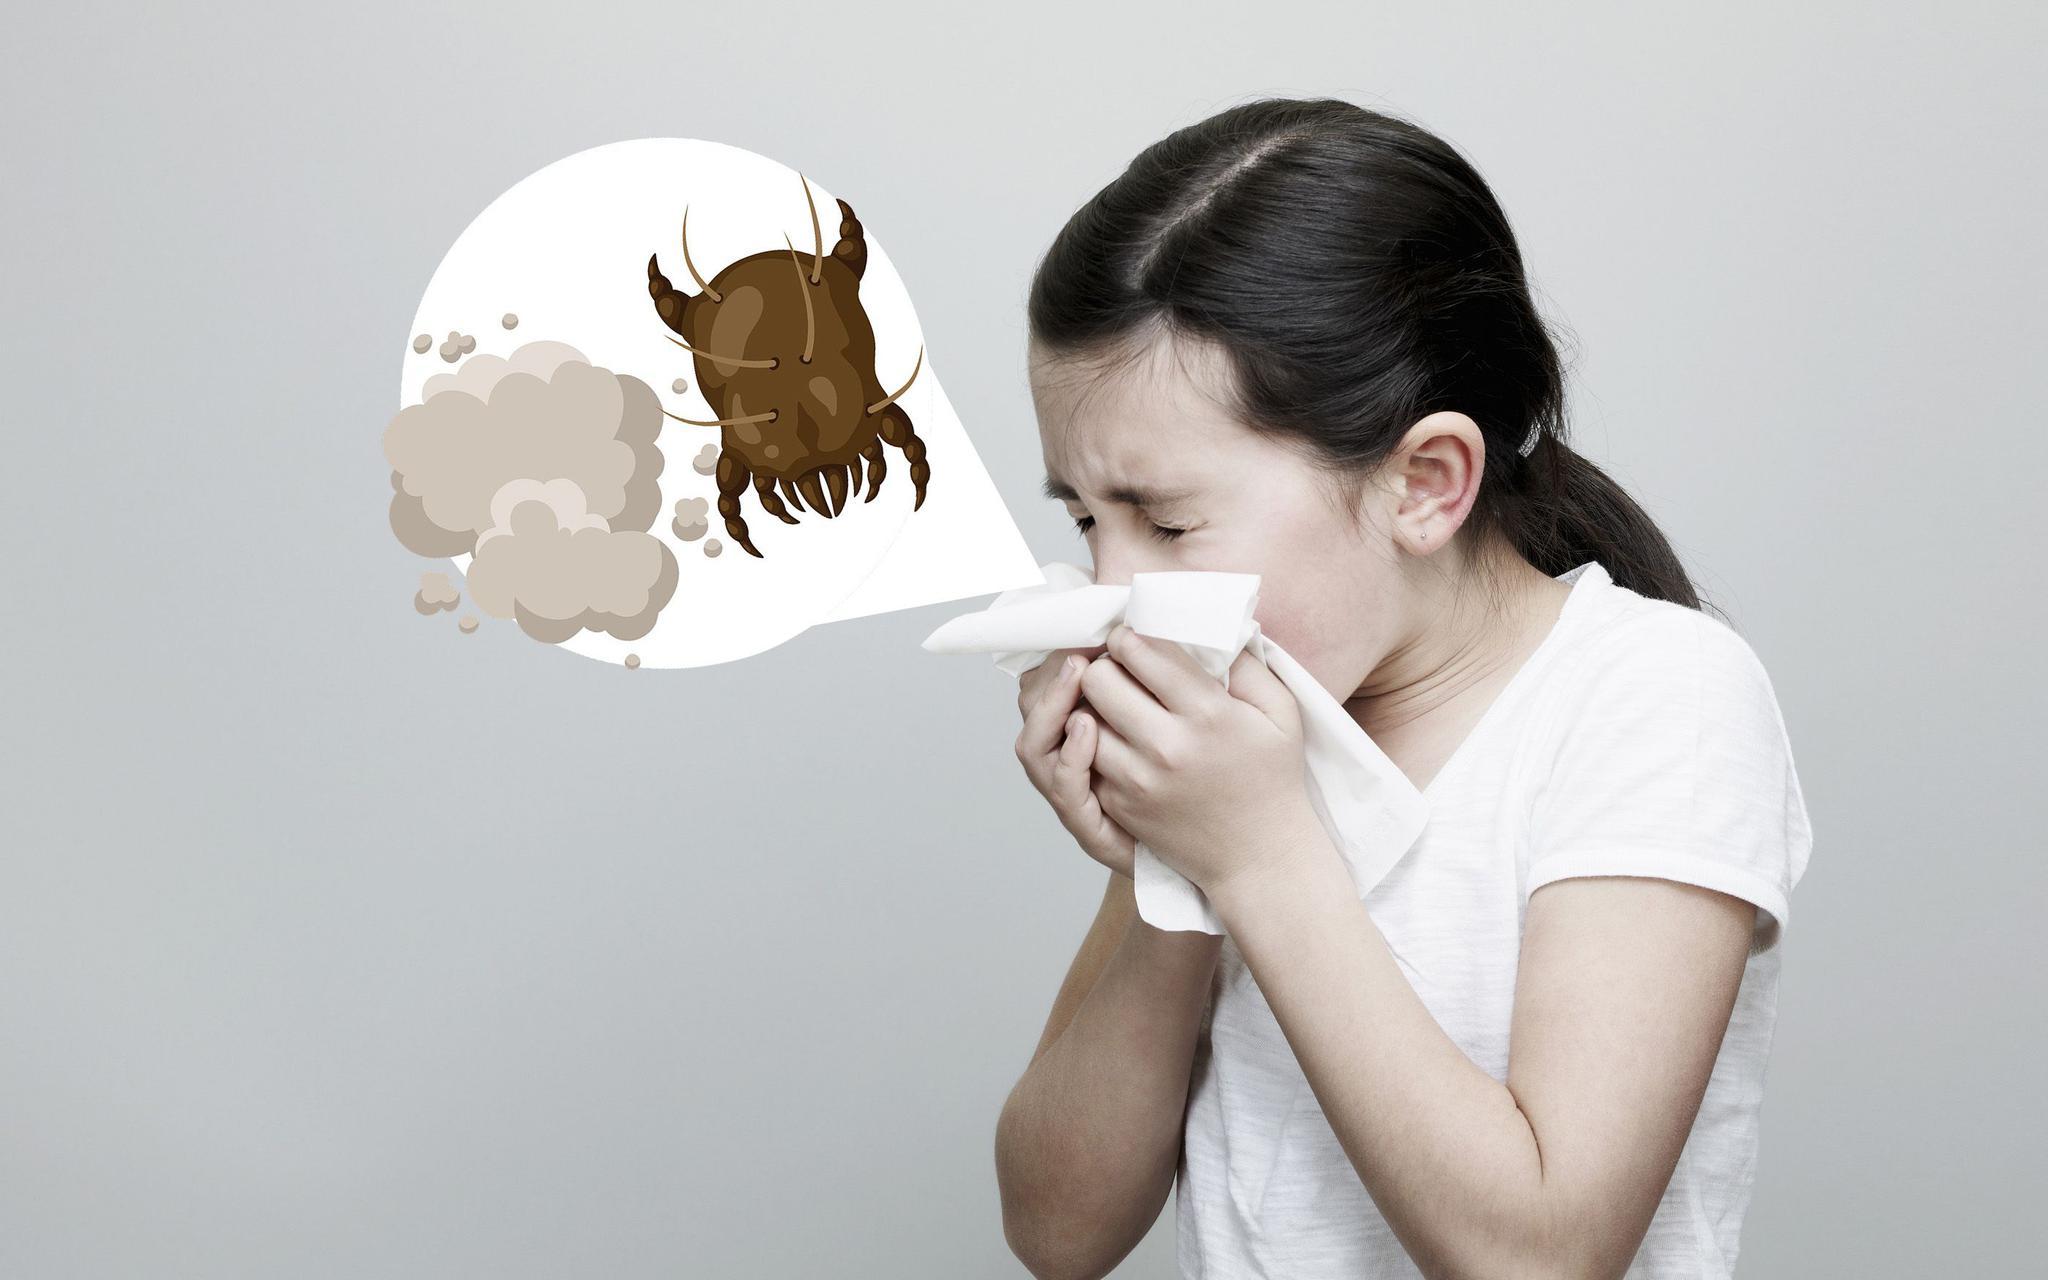 【天富】世界过敏日丨尘天富螨花粉过敏性哮喘图片